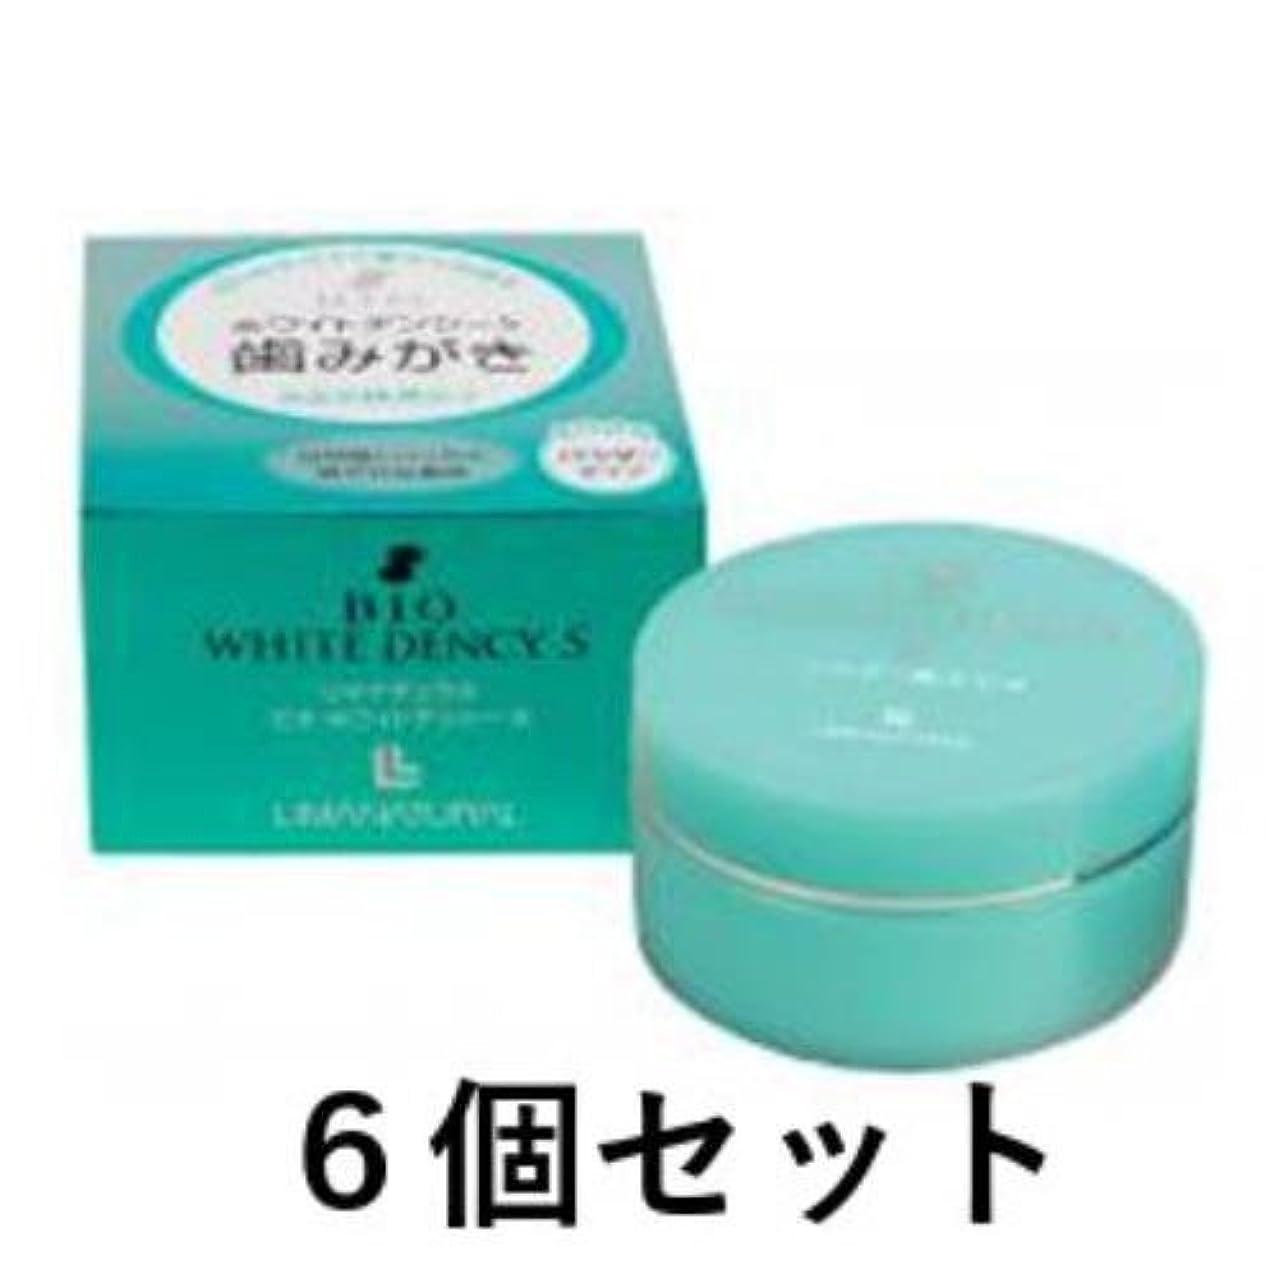 退化する透けるコンテンポラリー自然海塩とハッカ油の爽やかな香味 無添加のパウダー歯磨き ビオ?ホワイトデンシーS 20g 6本セット